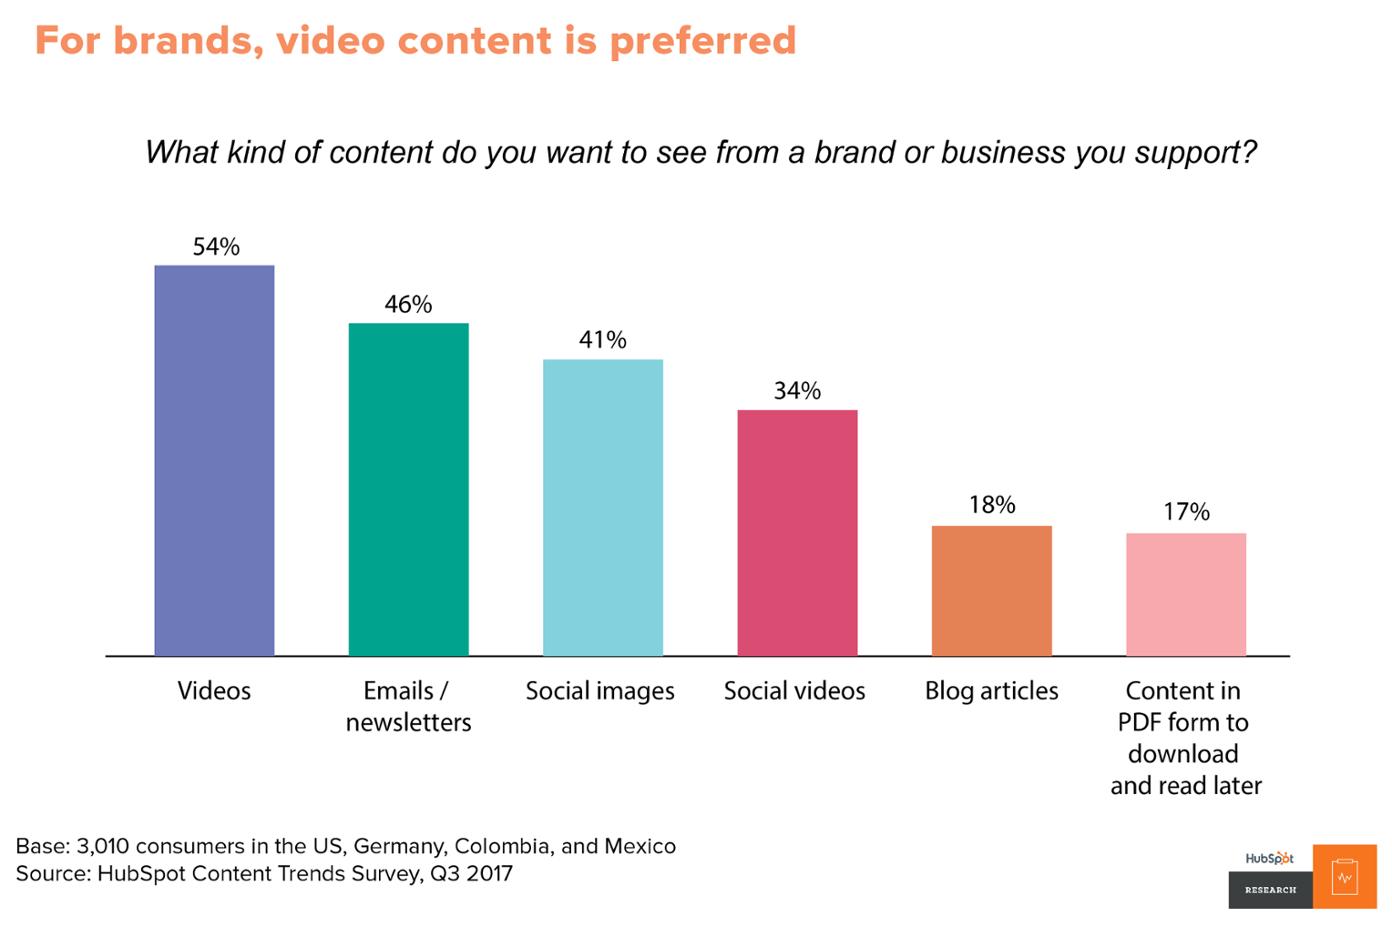 ویدئو مارکتینگ - ویدئو محتوای مورد علاقه برند ها است.